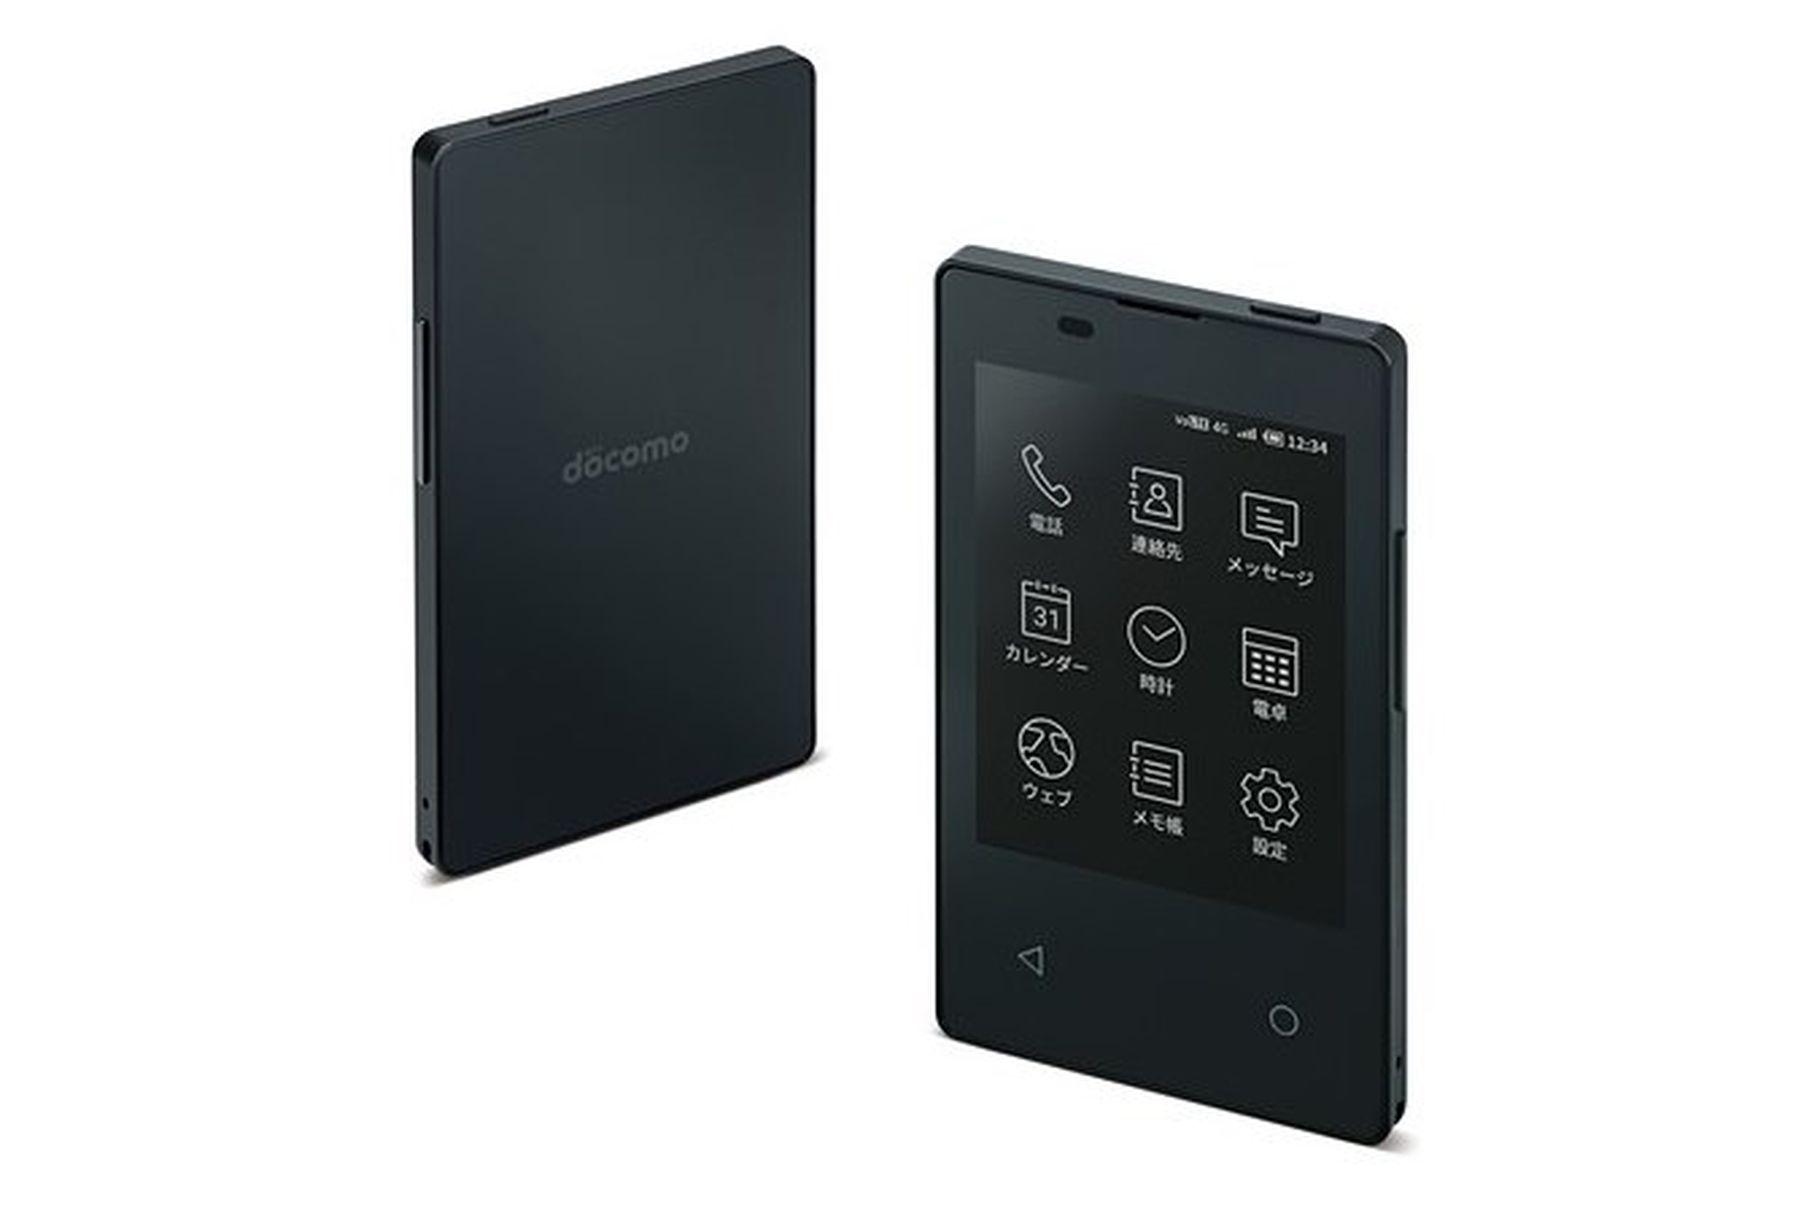 Nejtenčí mobilní telefon KY-01L ve velikosti kreditní karty